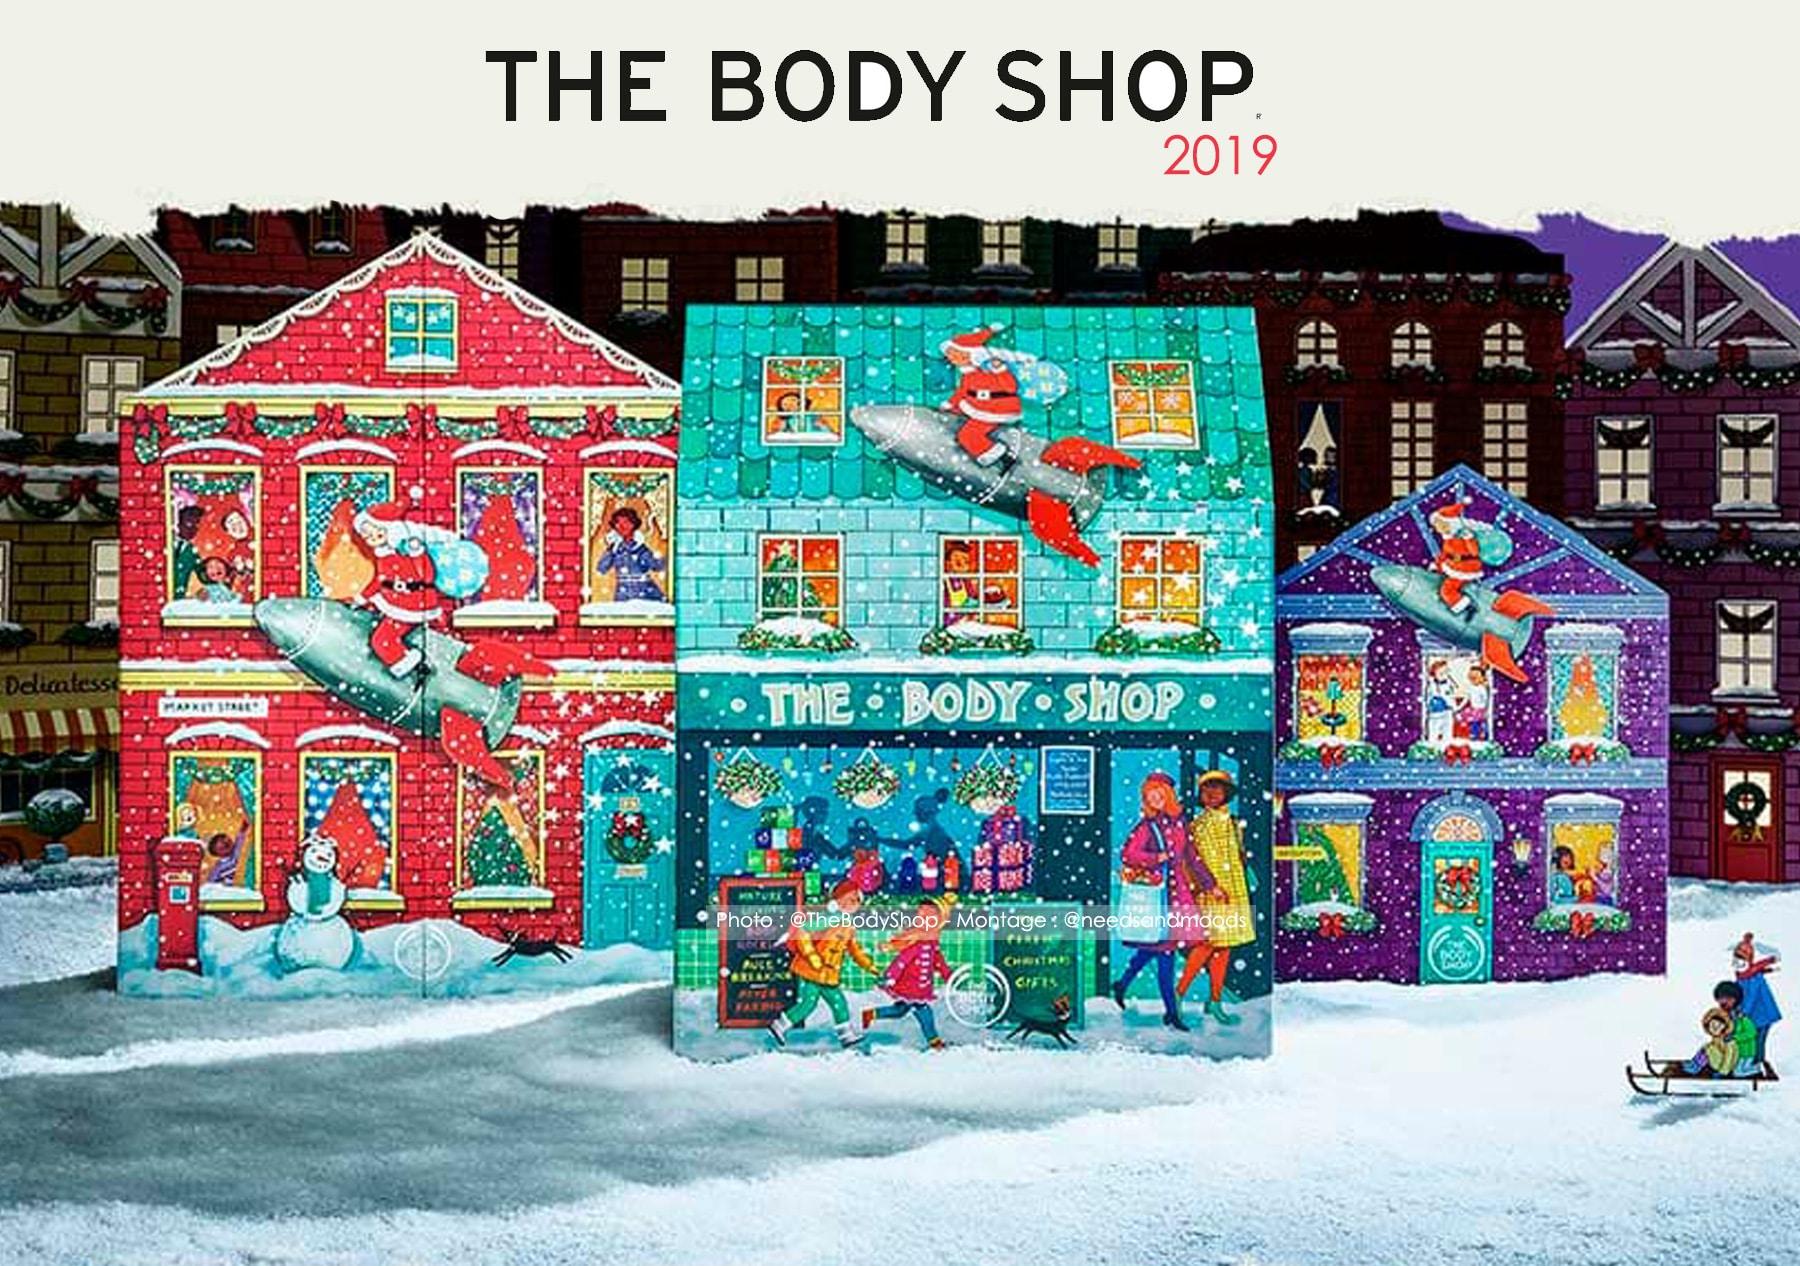 Calendrier De L Avent Que Mettre Dedans.Calendrier De L Avent The Body Shop 2019 Quel Est Son